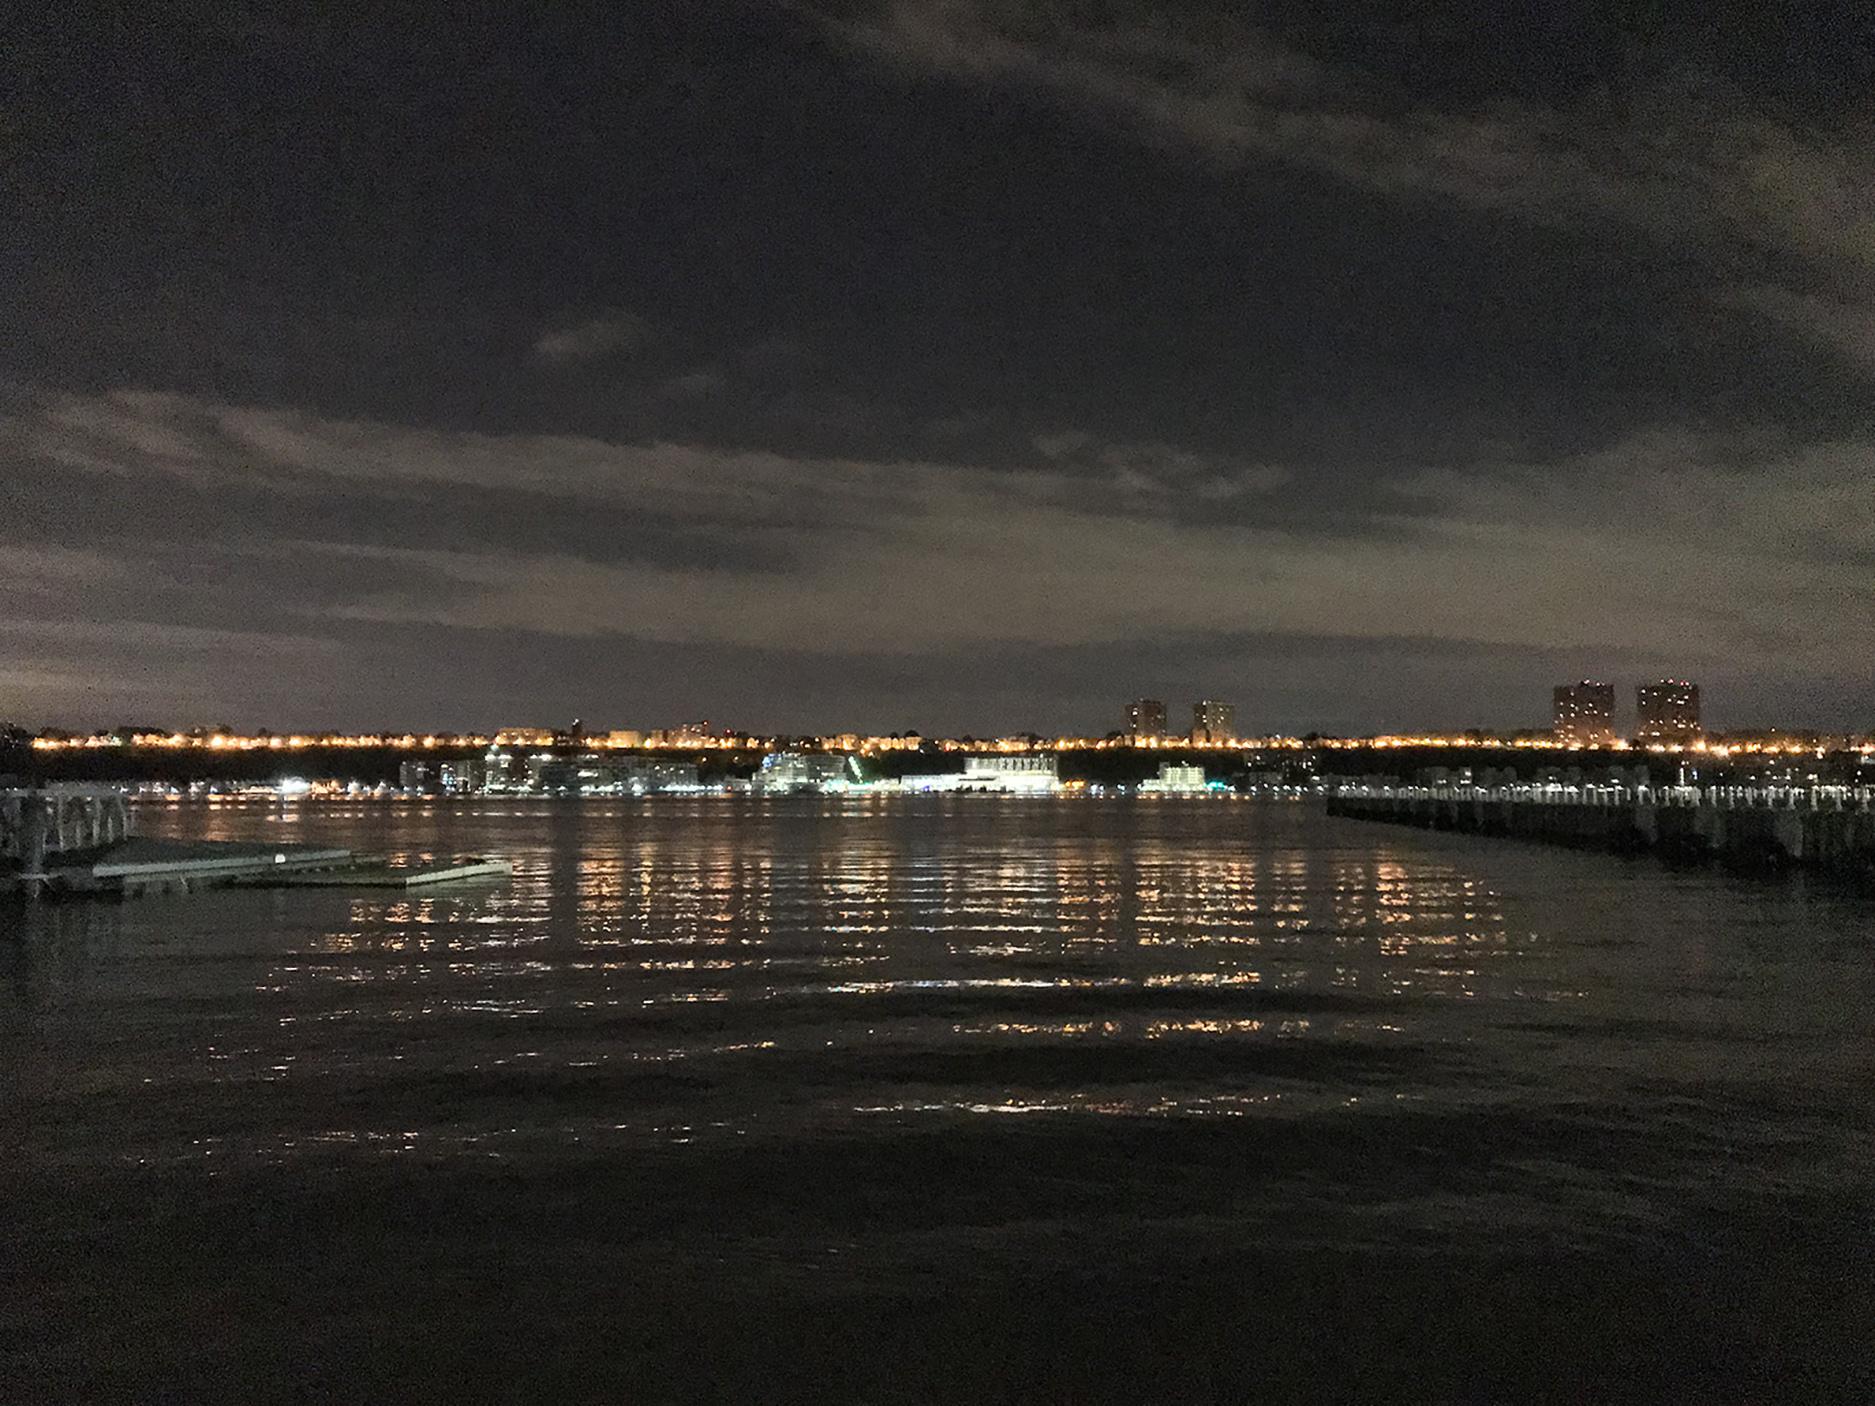 NewJersey_Pier96.jpg